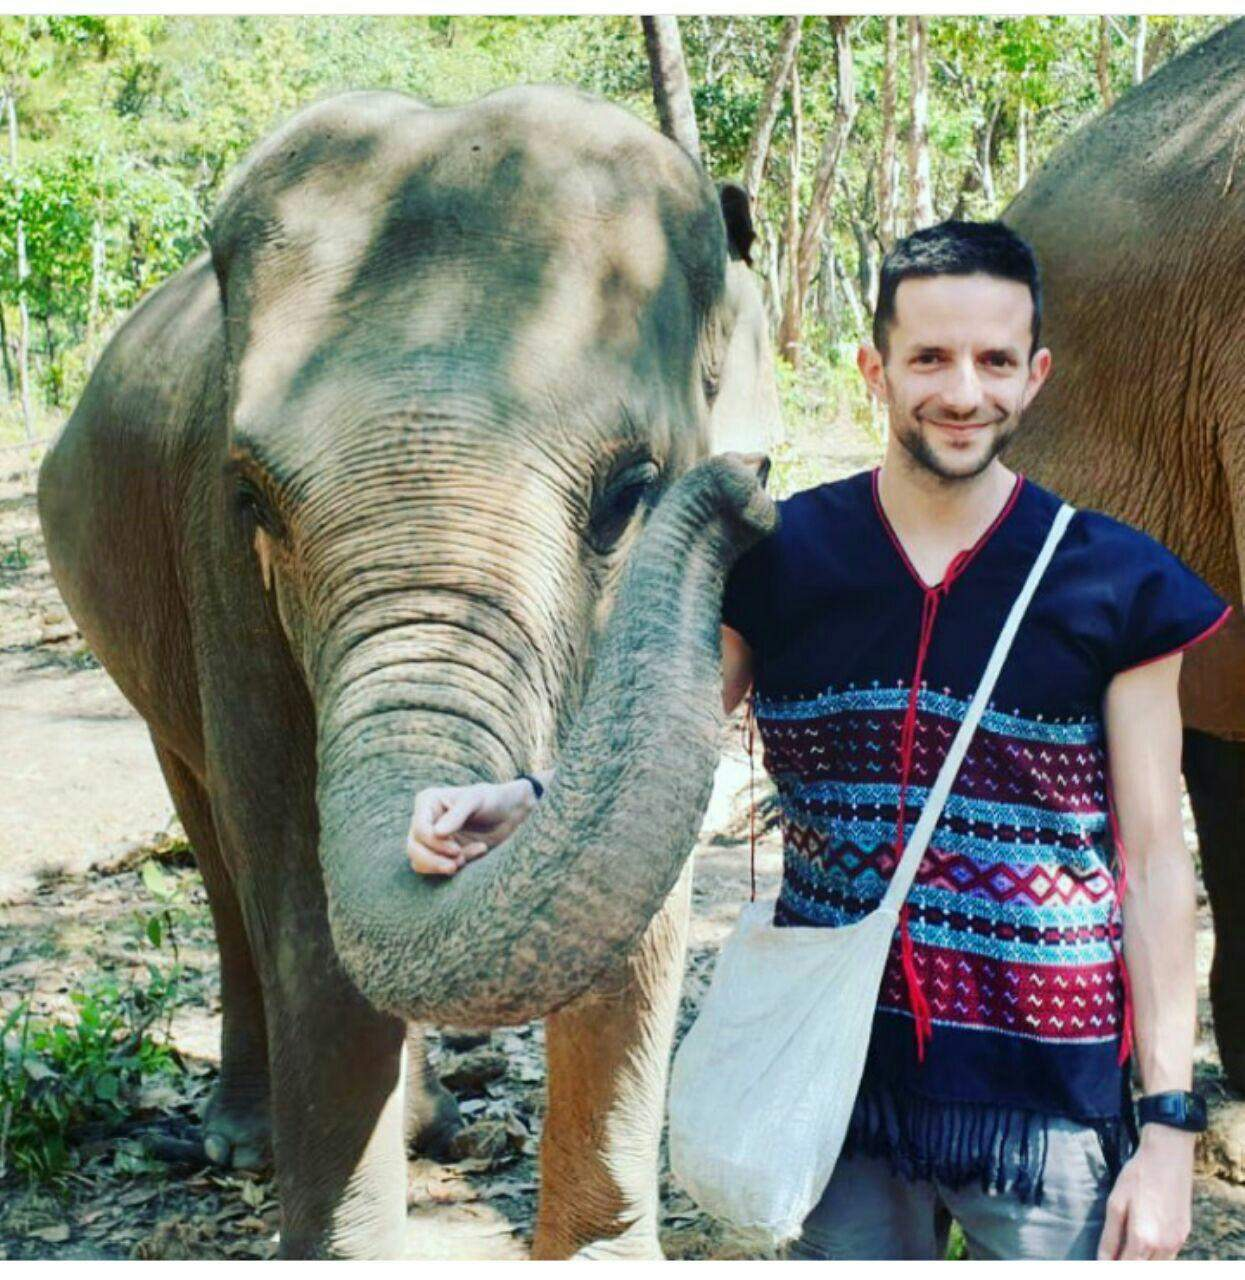 97 12 c33 566 - زندگی مشترک خانواده ای با فیل ها